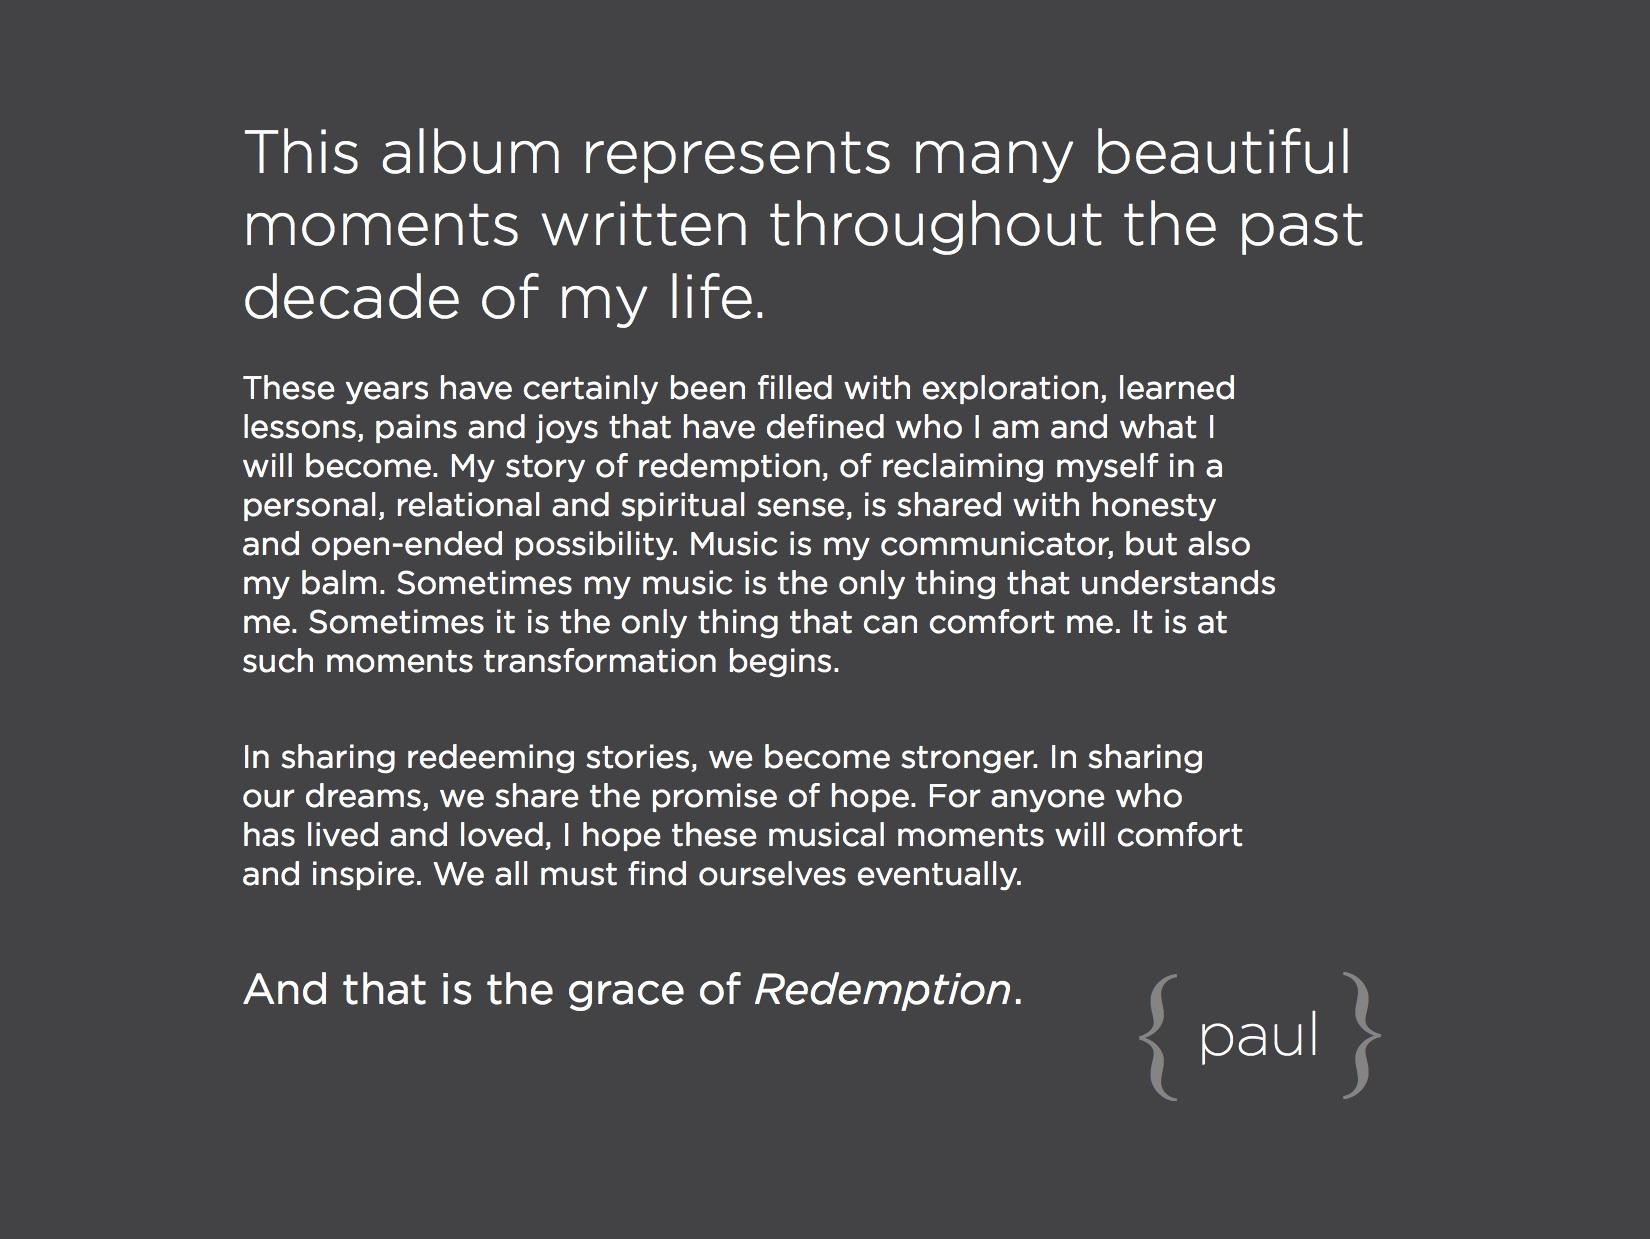 Redemption_liner_notes3.jpg